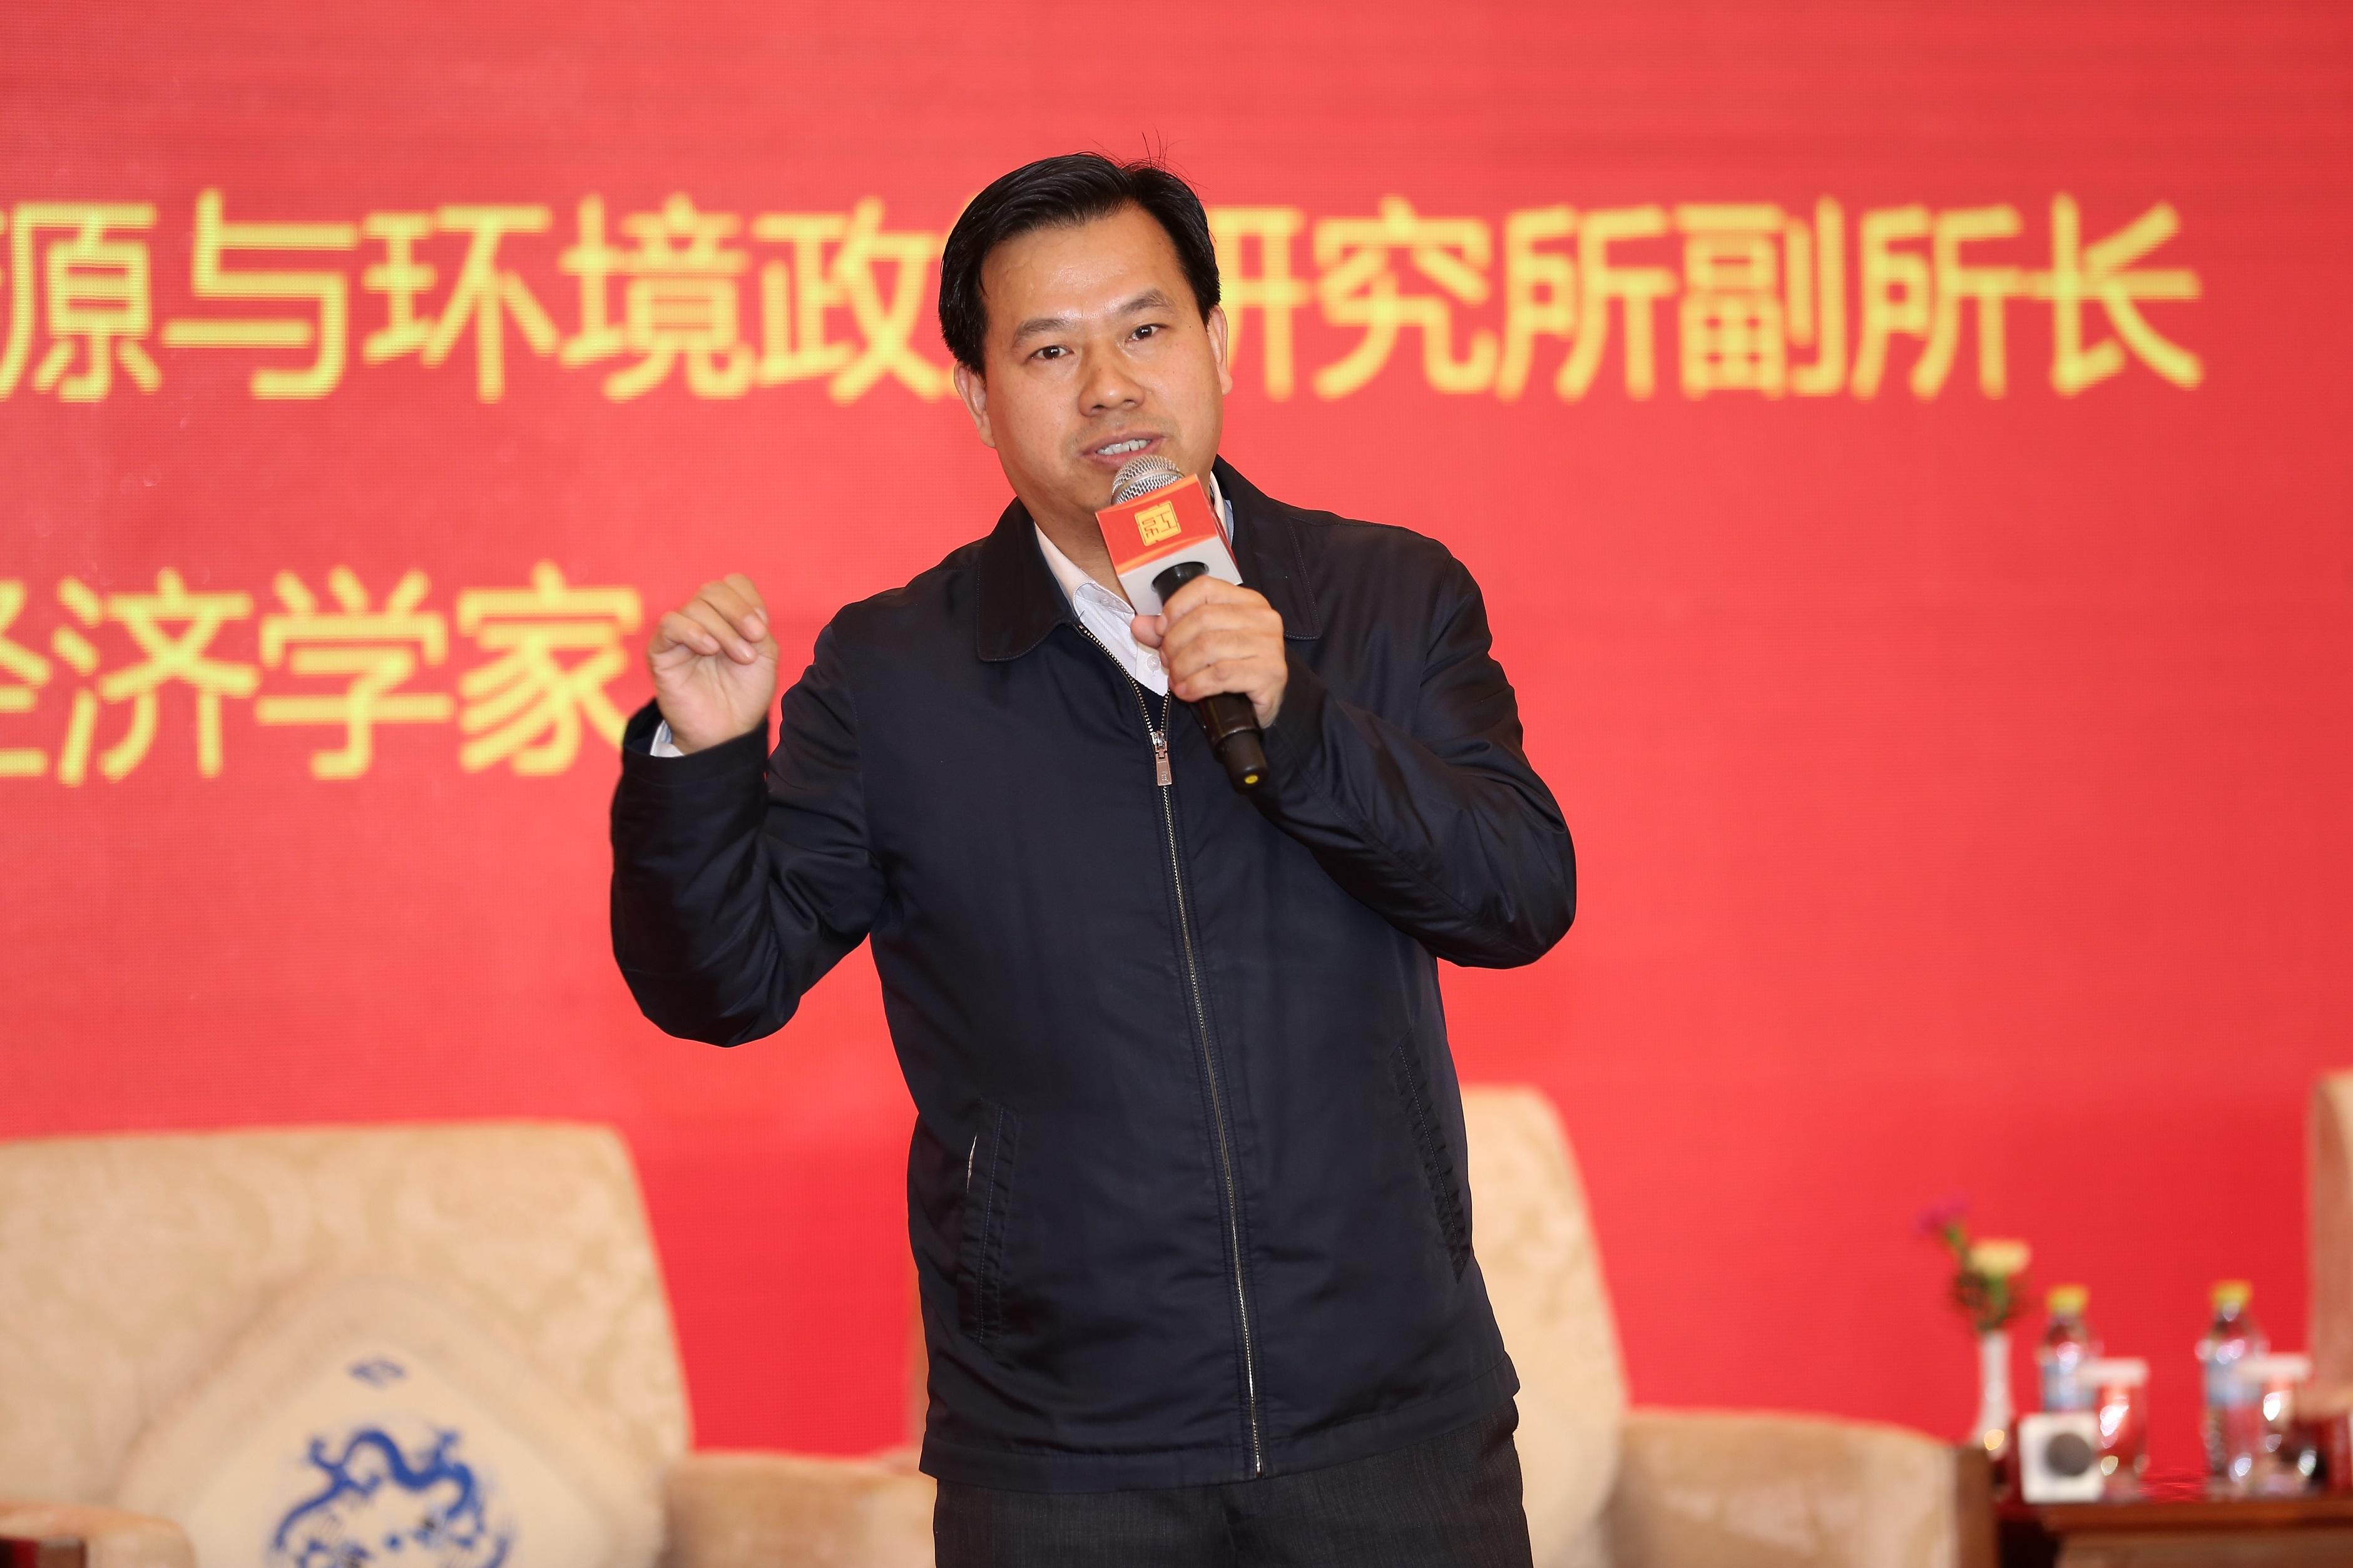 李佐军:房地产行业将逐步回归居住属性-中国网地产